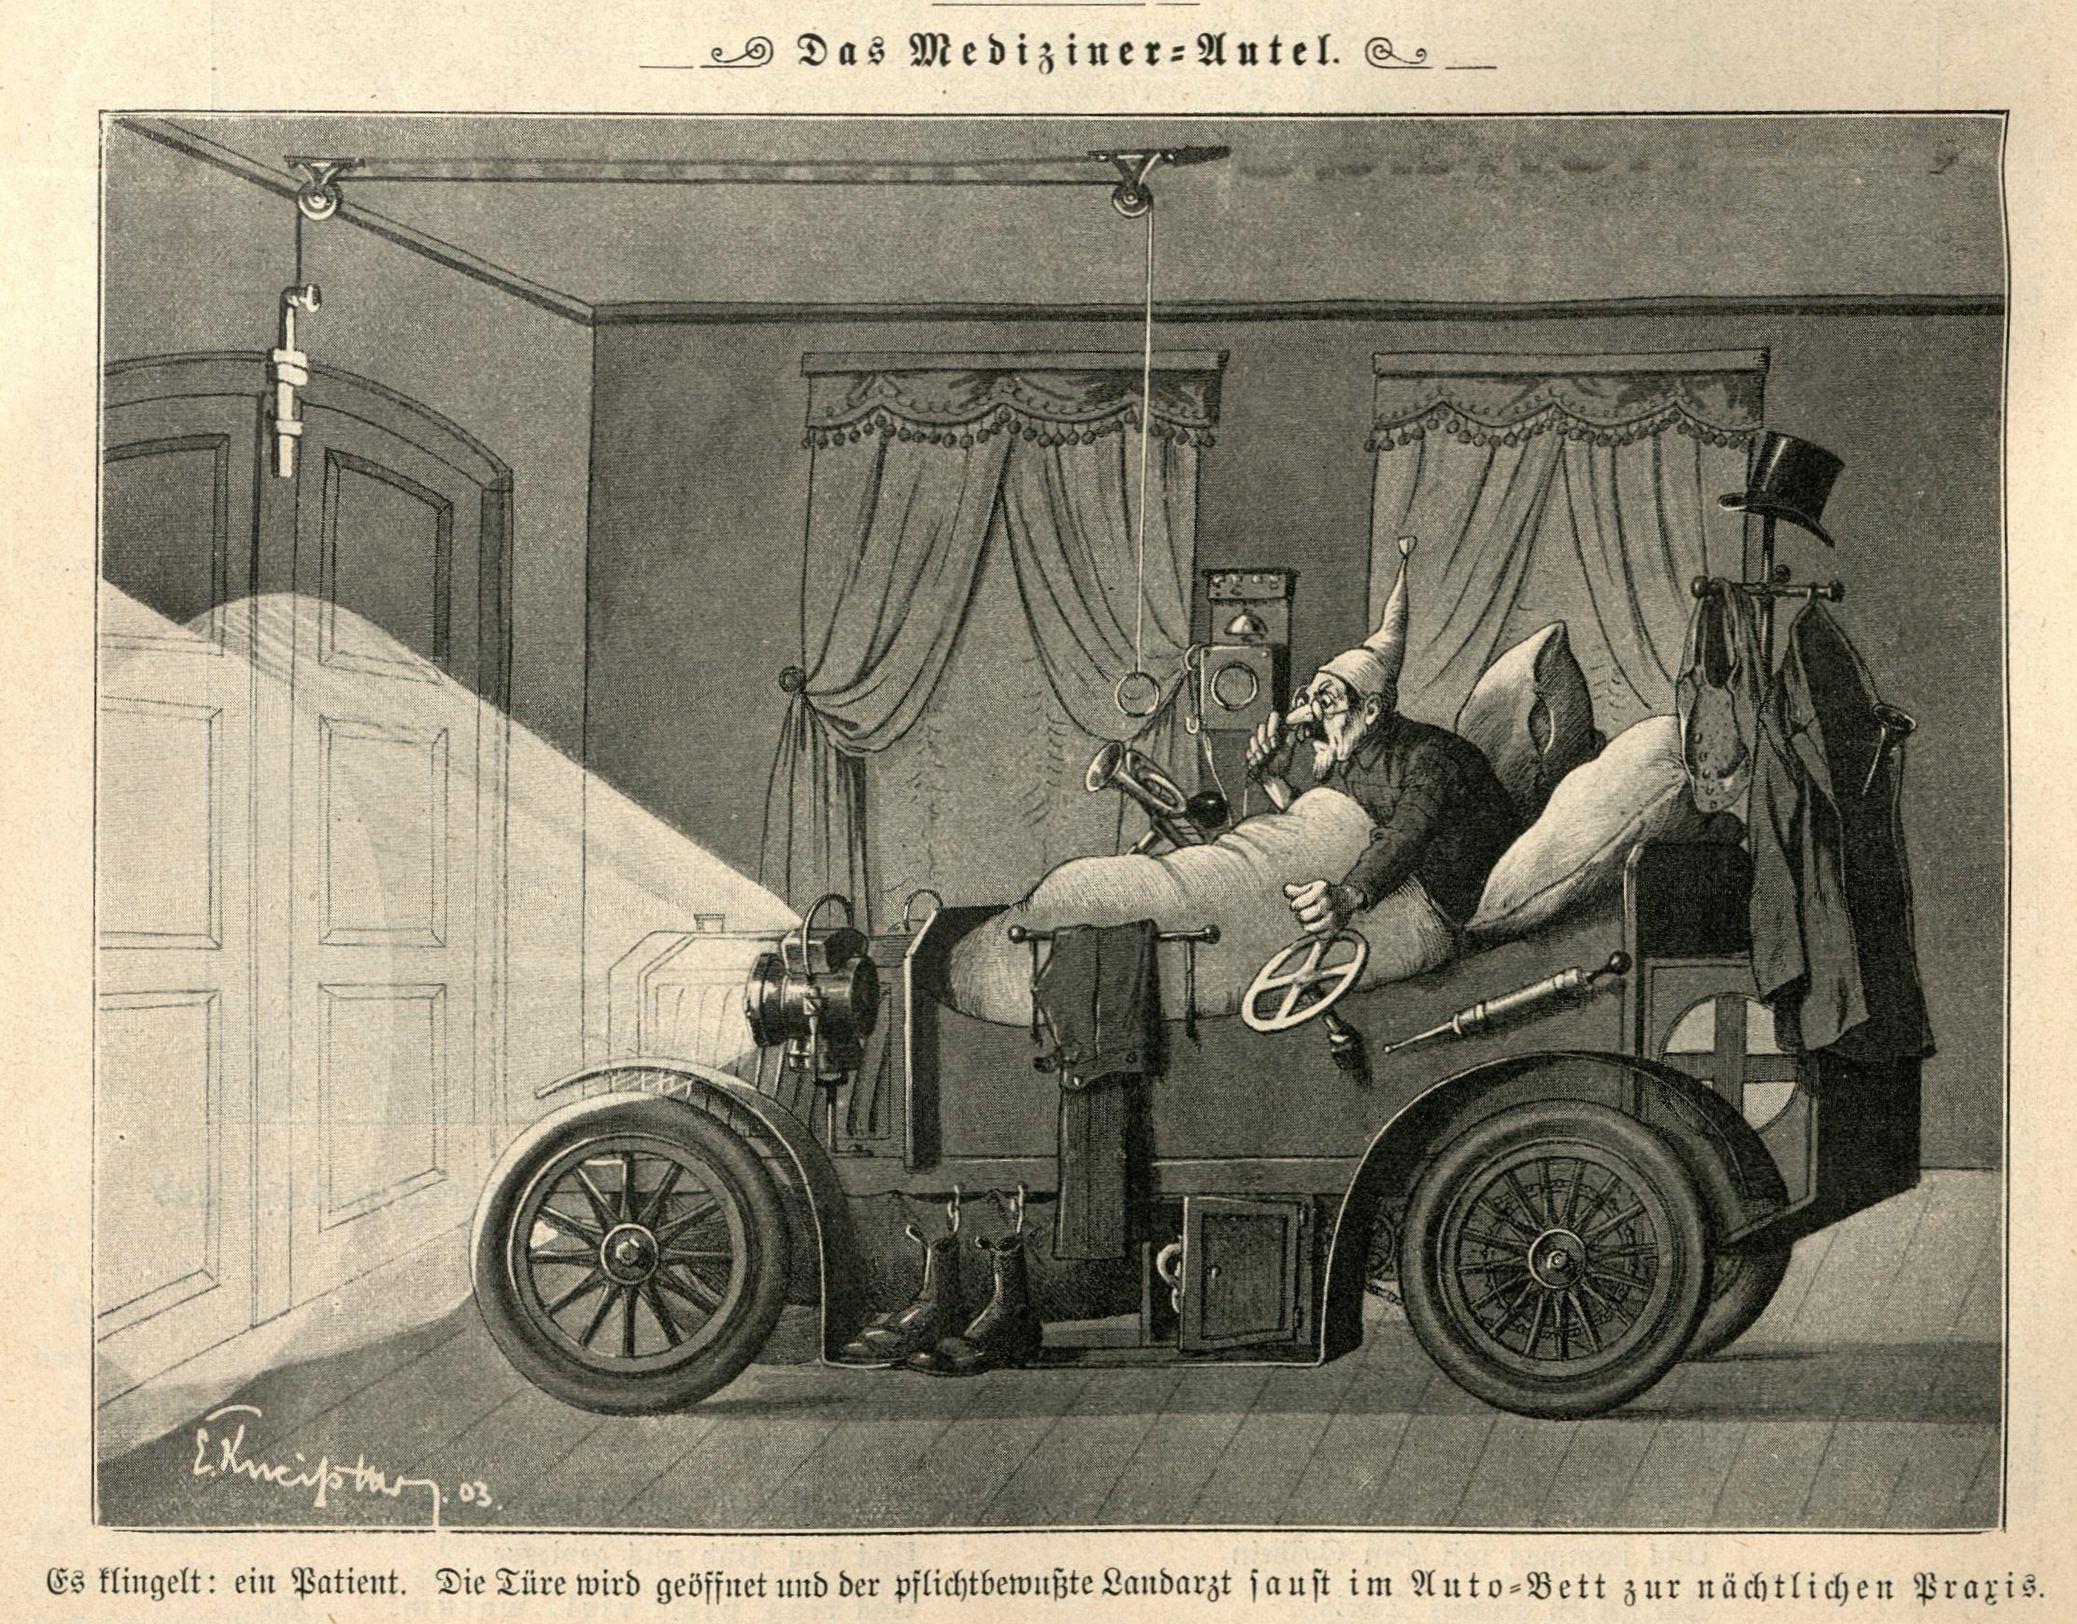 Bild: Der pflichtbewusste Landarzt saust im Auto-Bett zur nächtlichen Praxis.